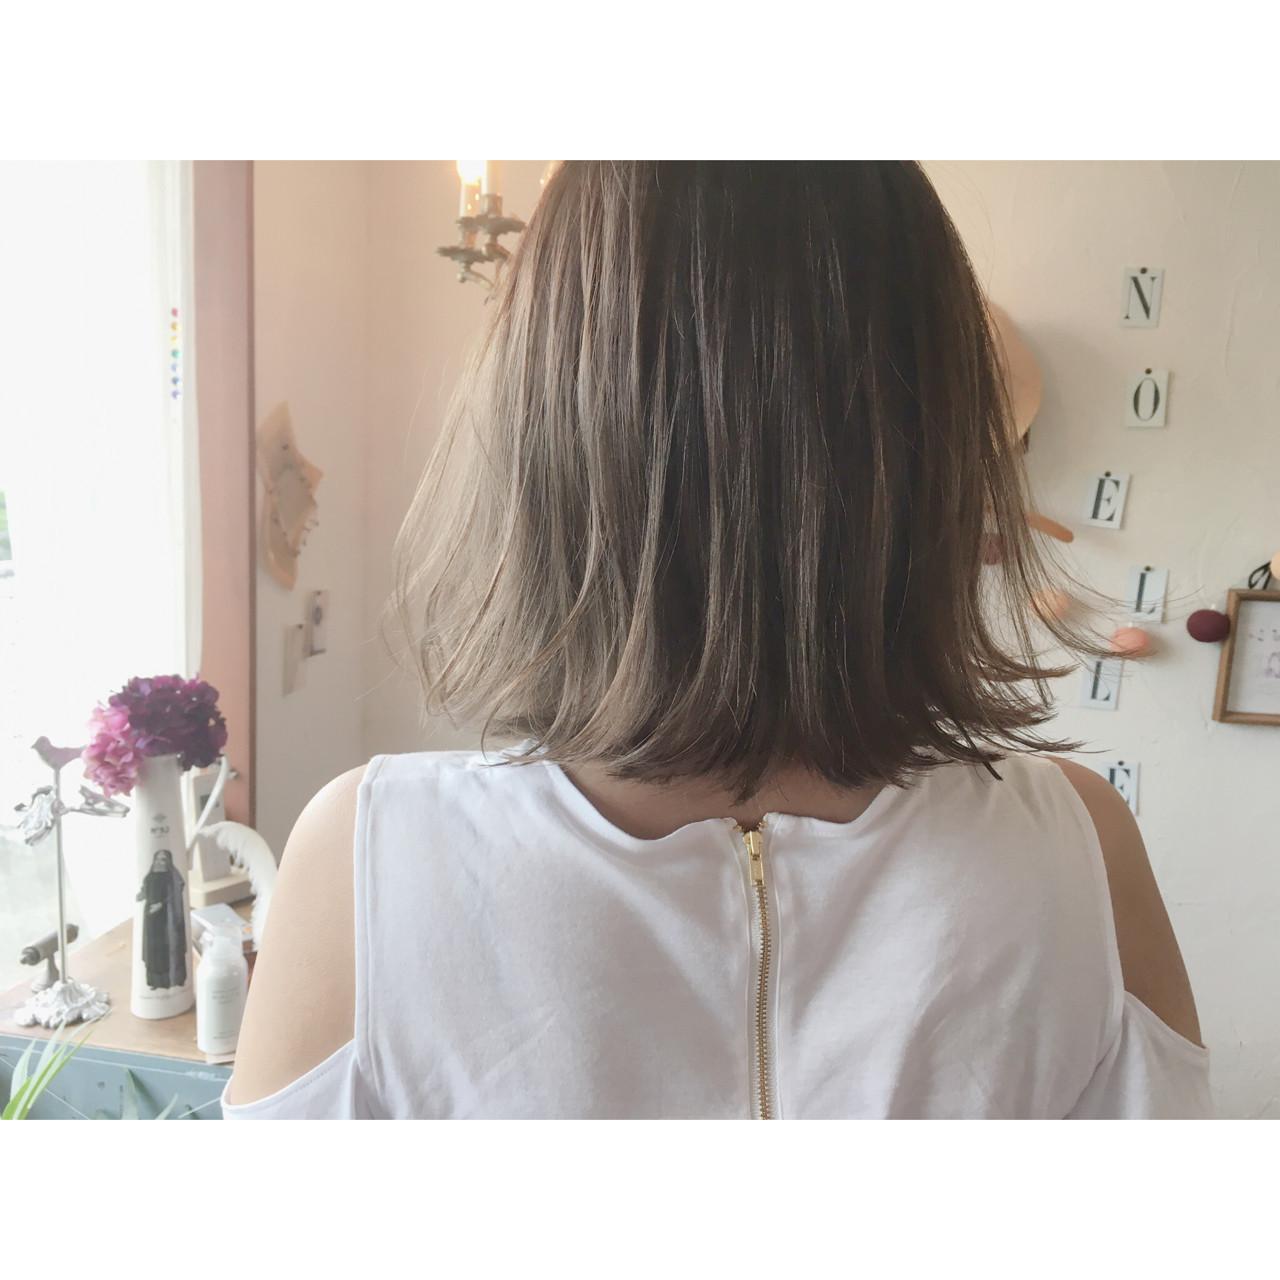 マットアッシュカラーは透明感×抜け感で最新トレンドスタイルへ♡ 川内道子 instagram→michiko_k